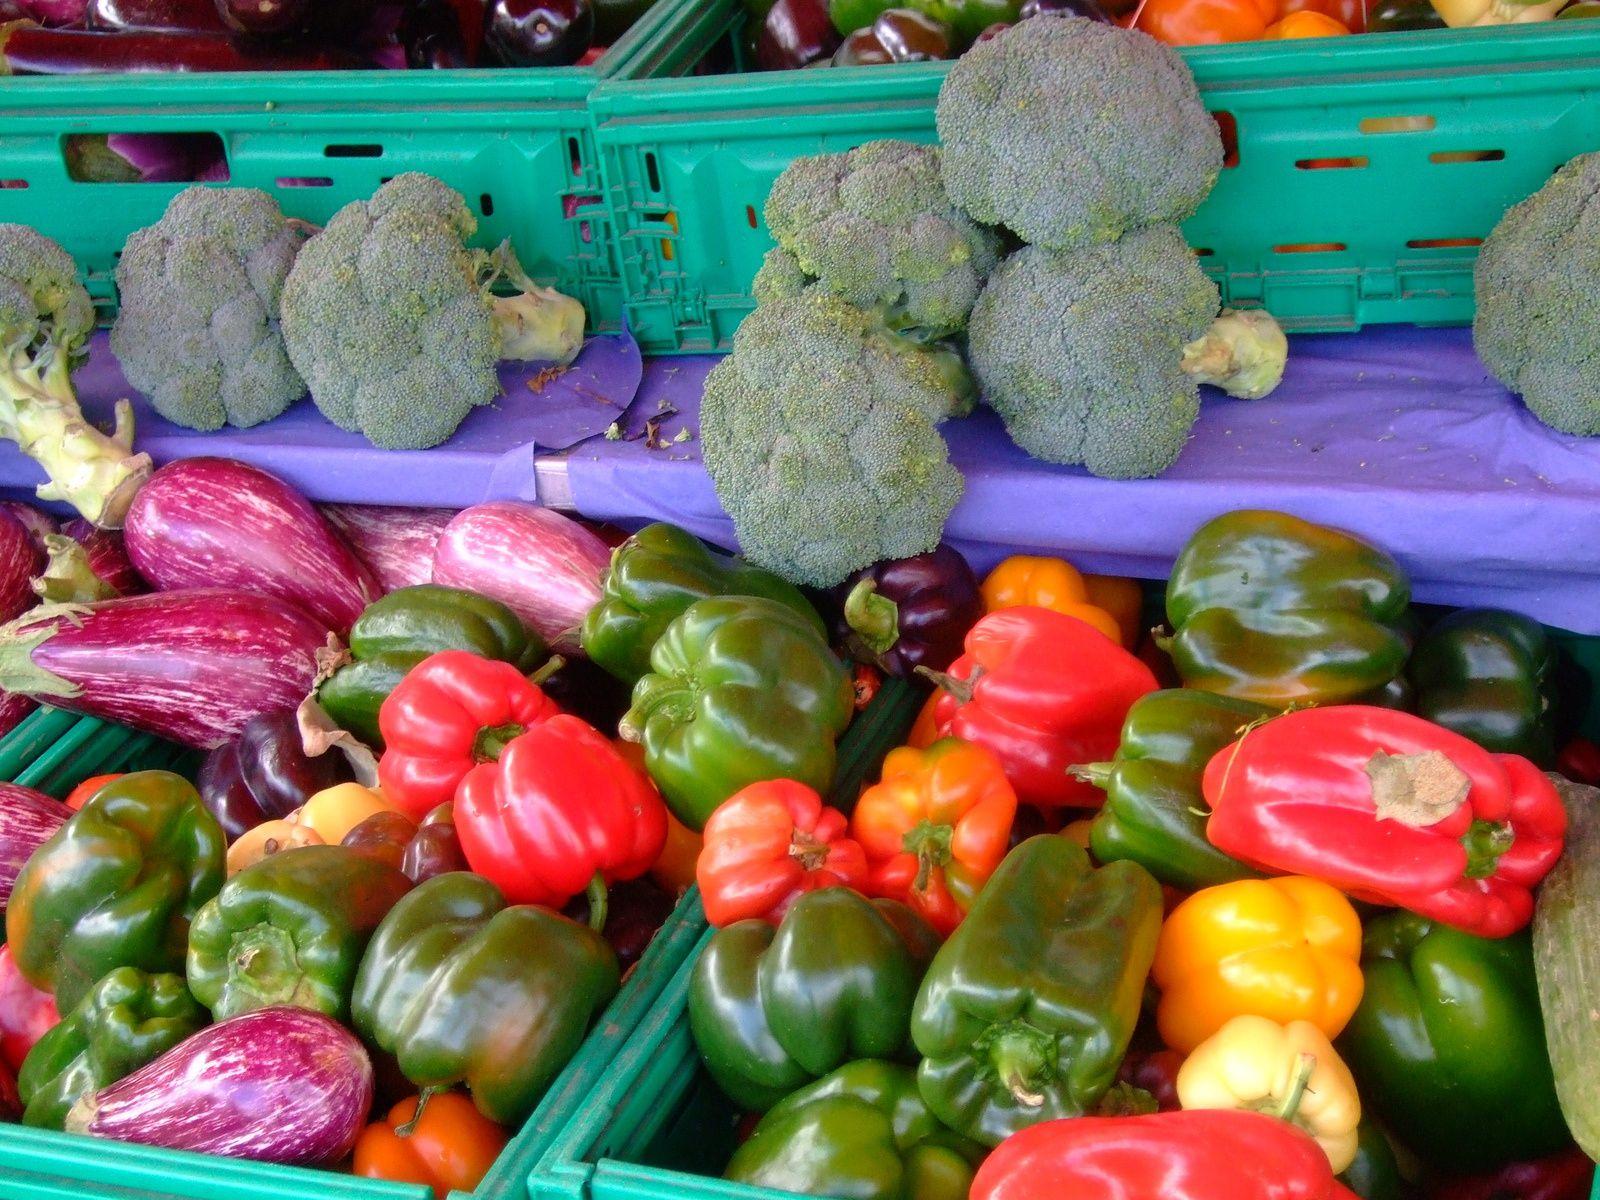 Au coeur du marché d'Auray - photos prises septembre 2013